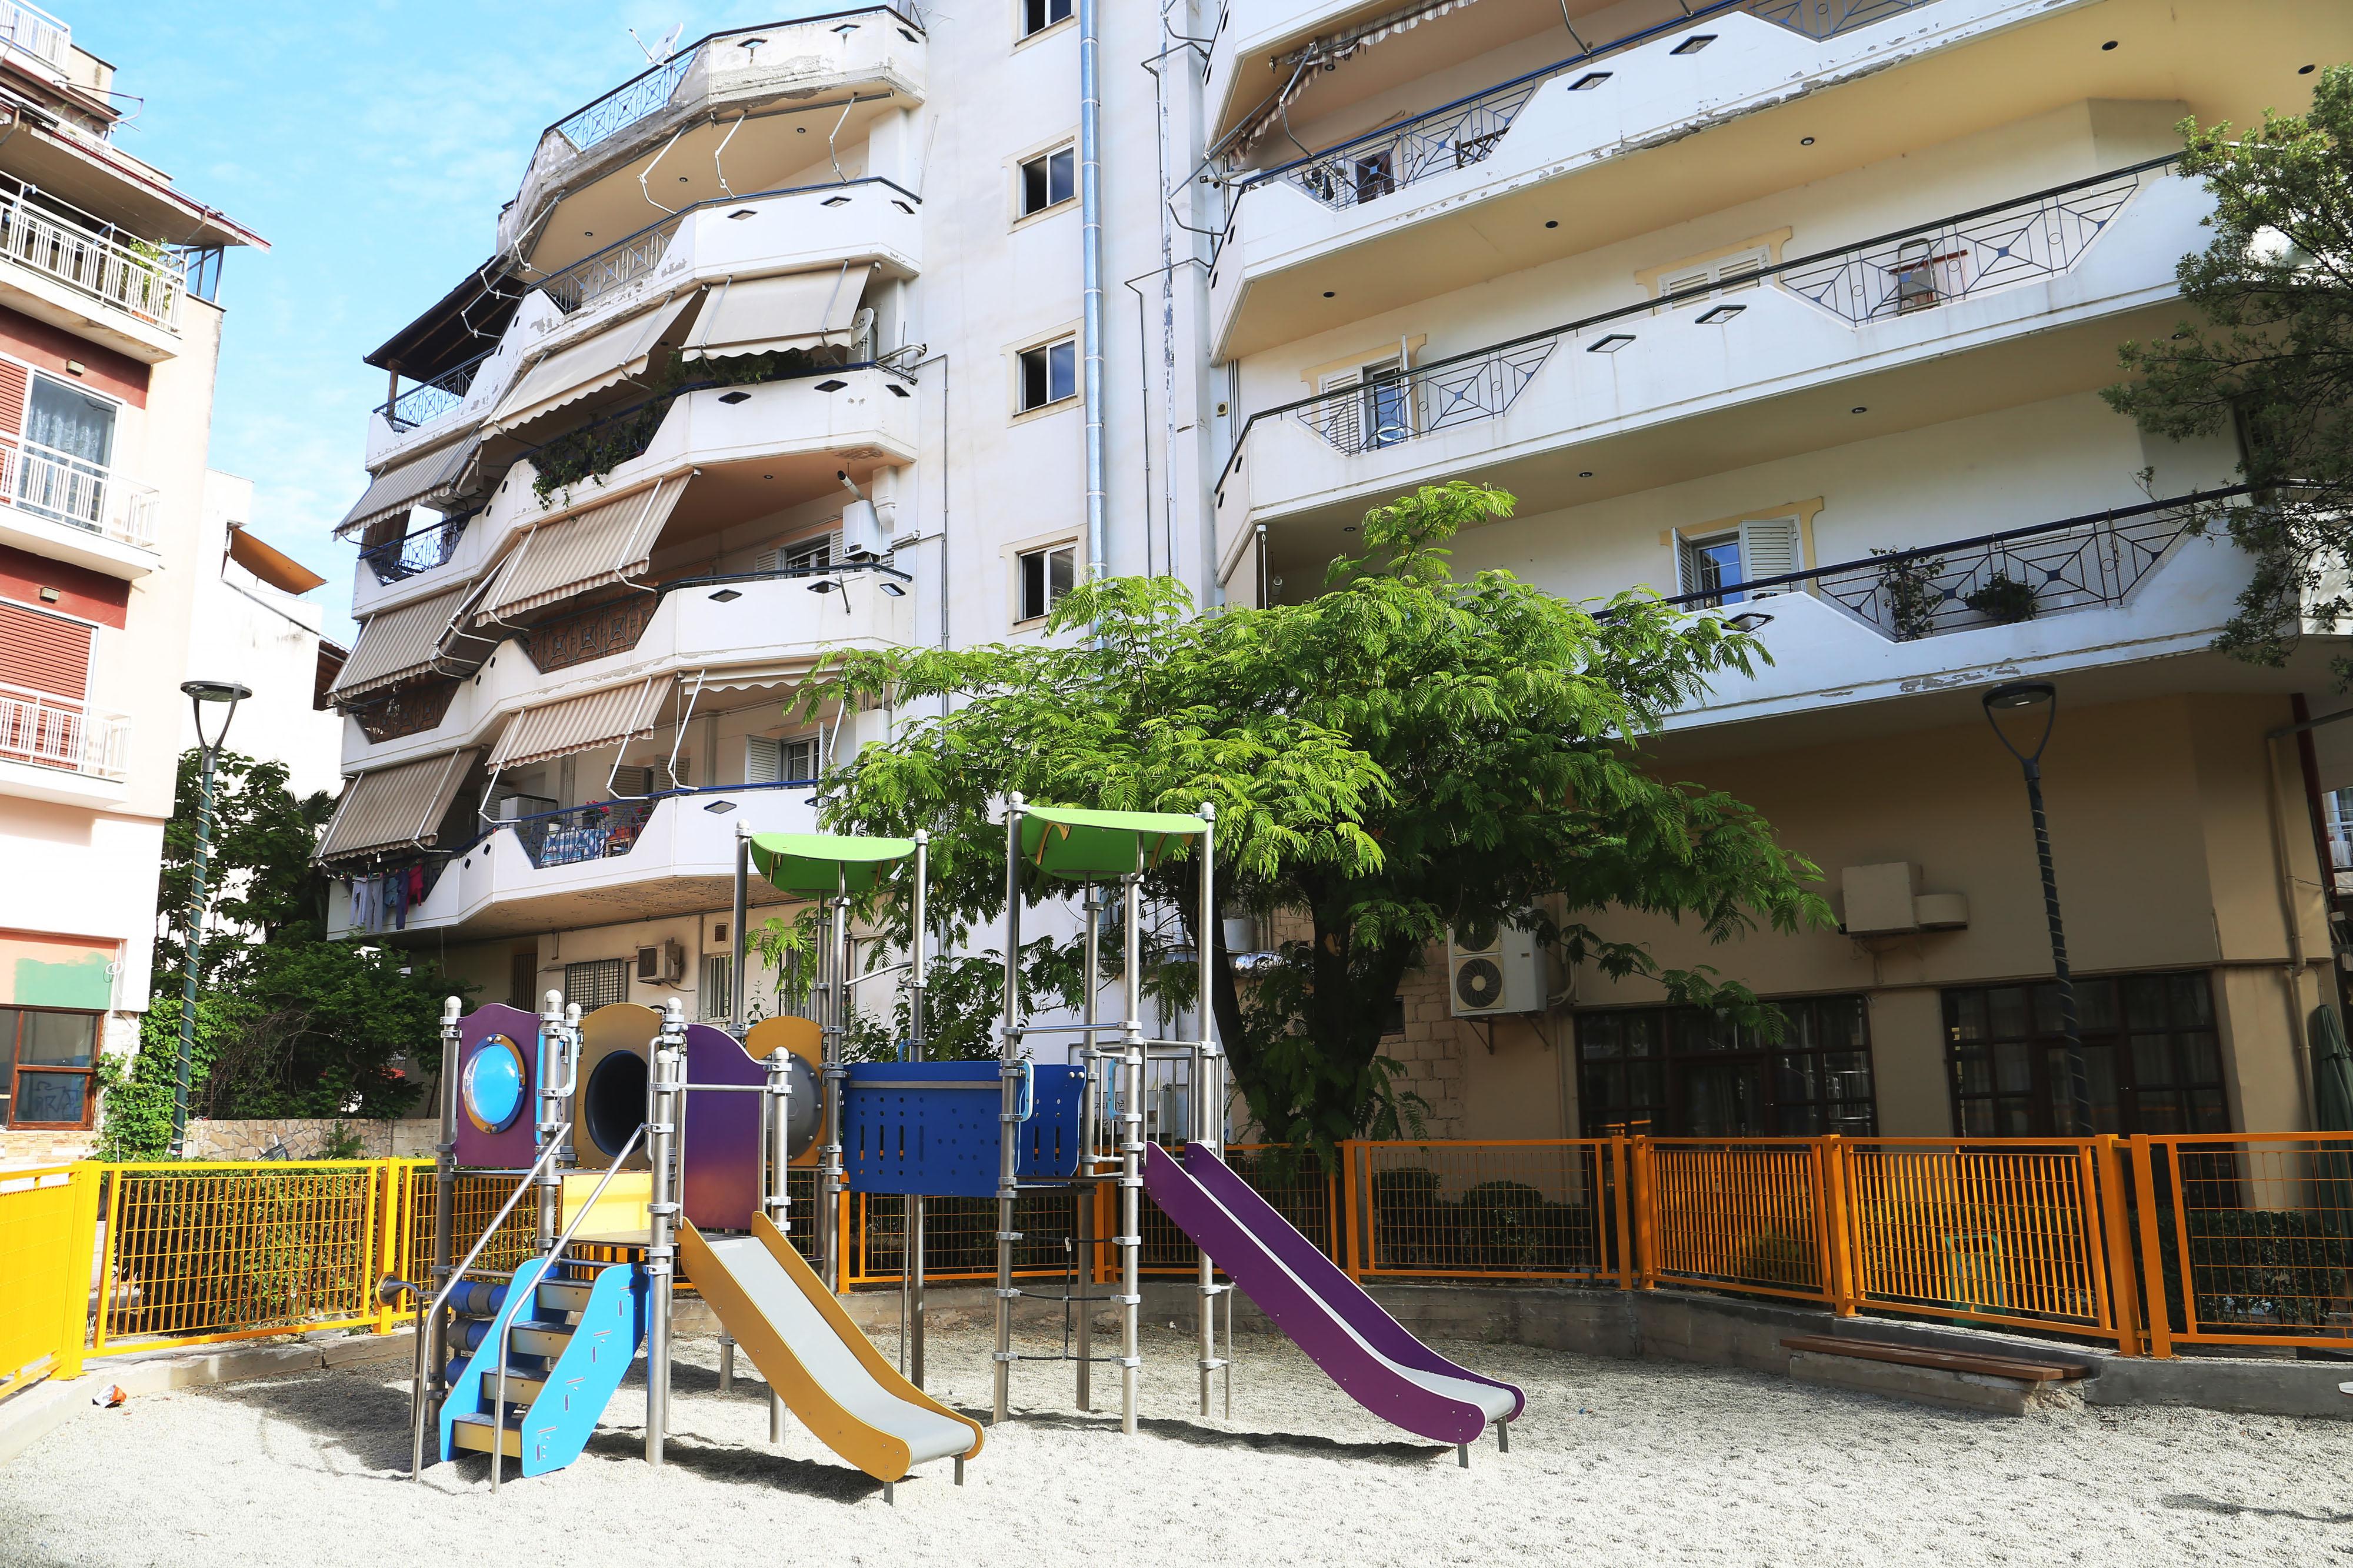 Ανακατασκευάστηκαν 23 παιδικές χάρες από τον Δήμο Λαρισαίων